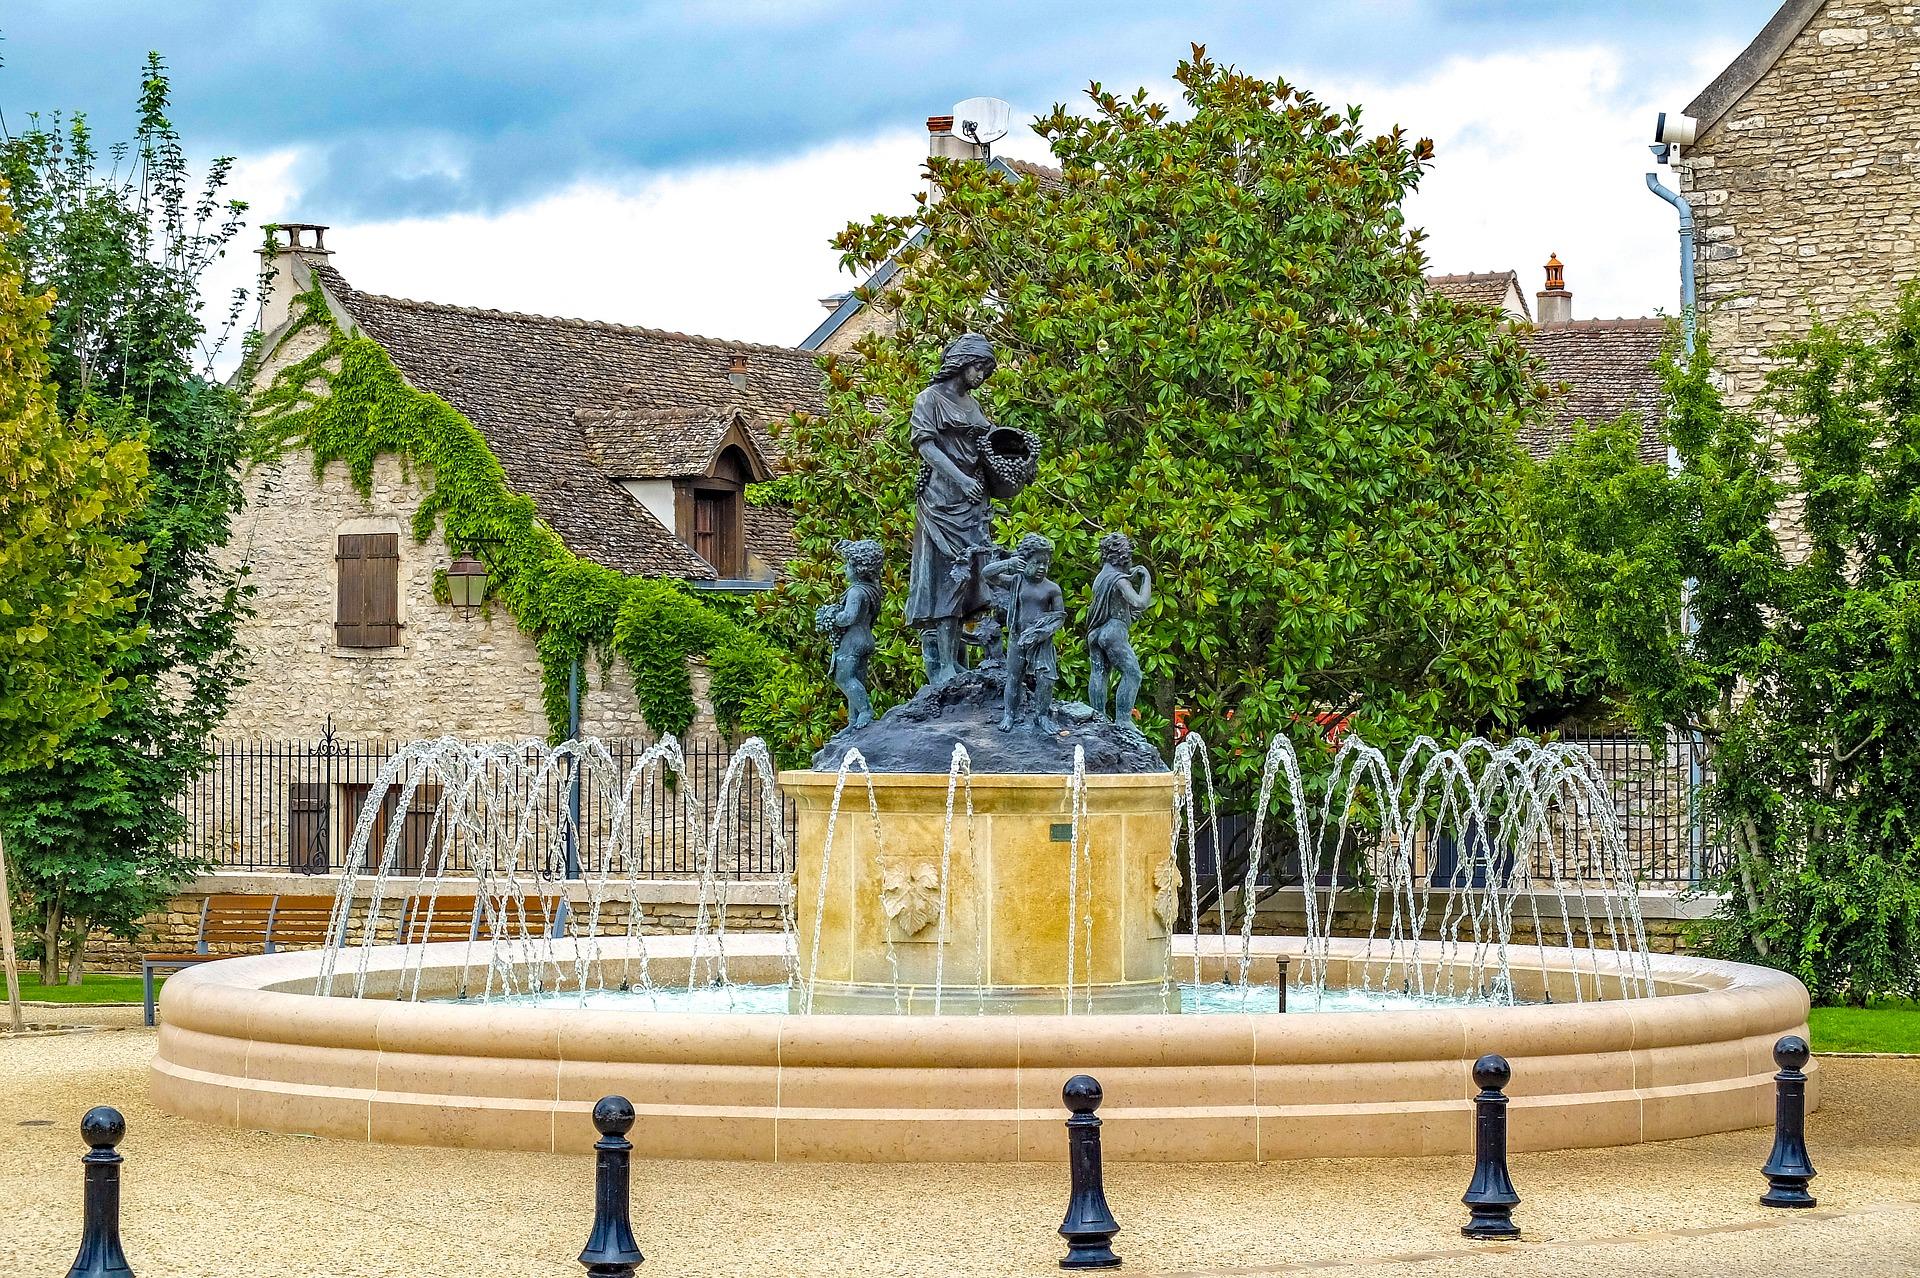 fountain-2622943_1920